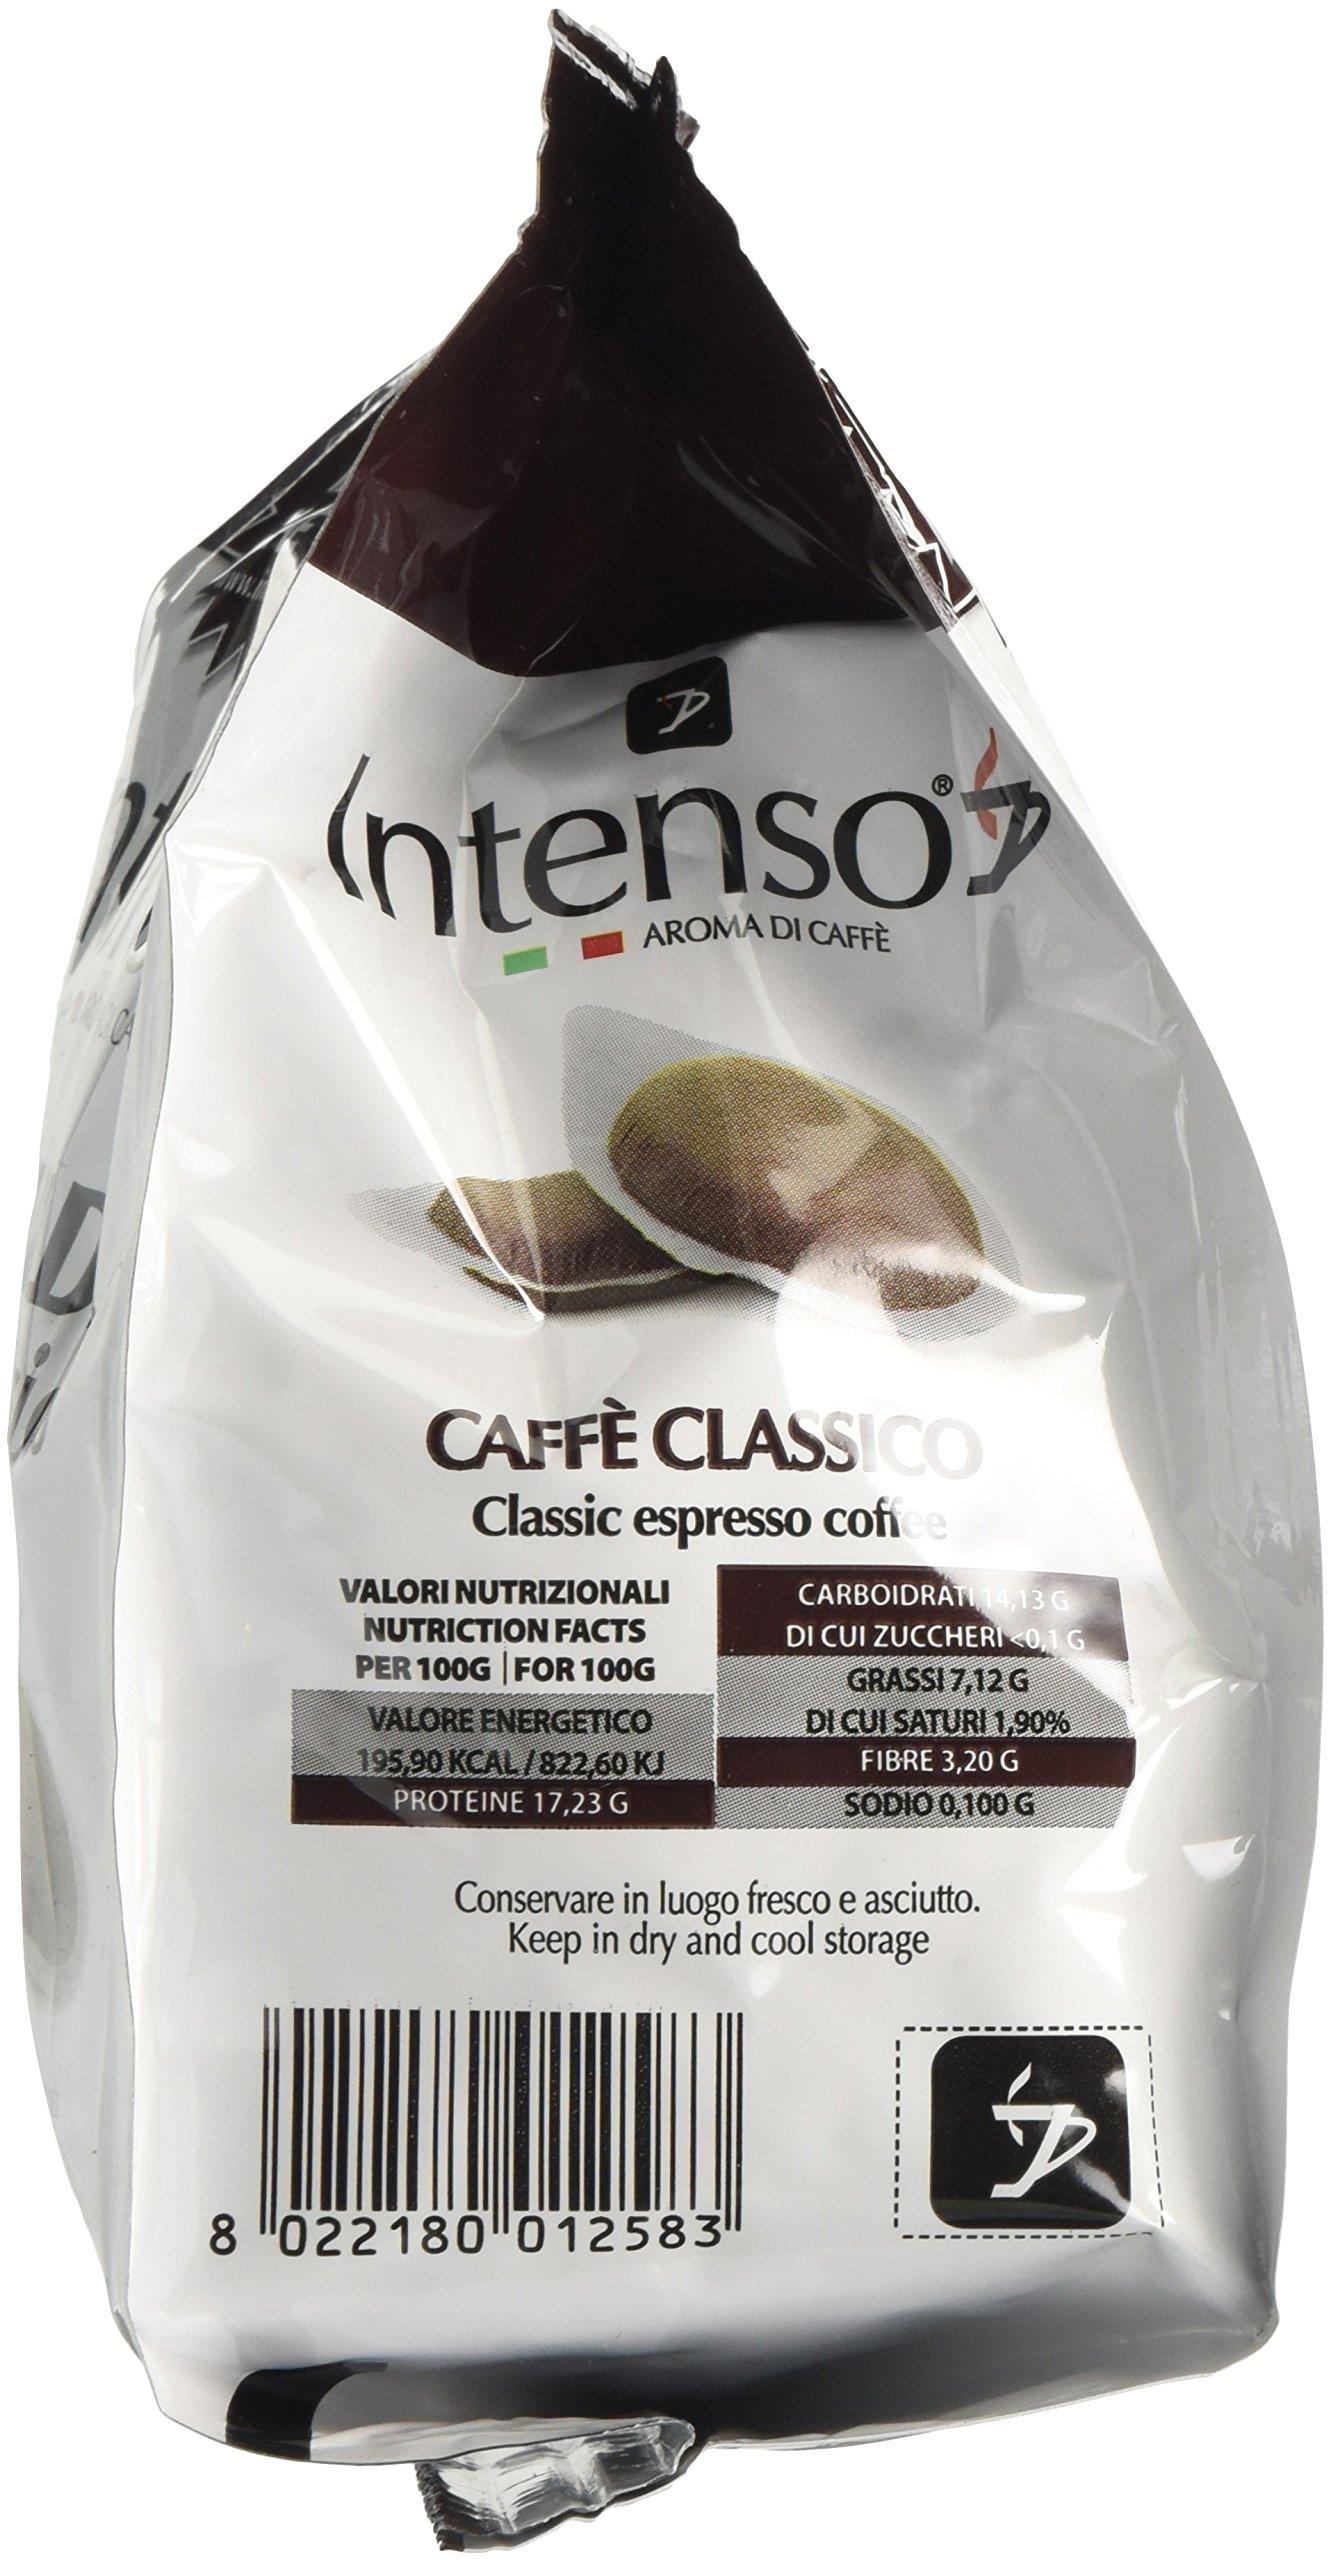 1 Pacco da 120 Cialde Intenso Aroma Di Caffe/' Cialda Miscela Arabica